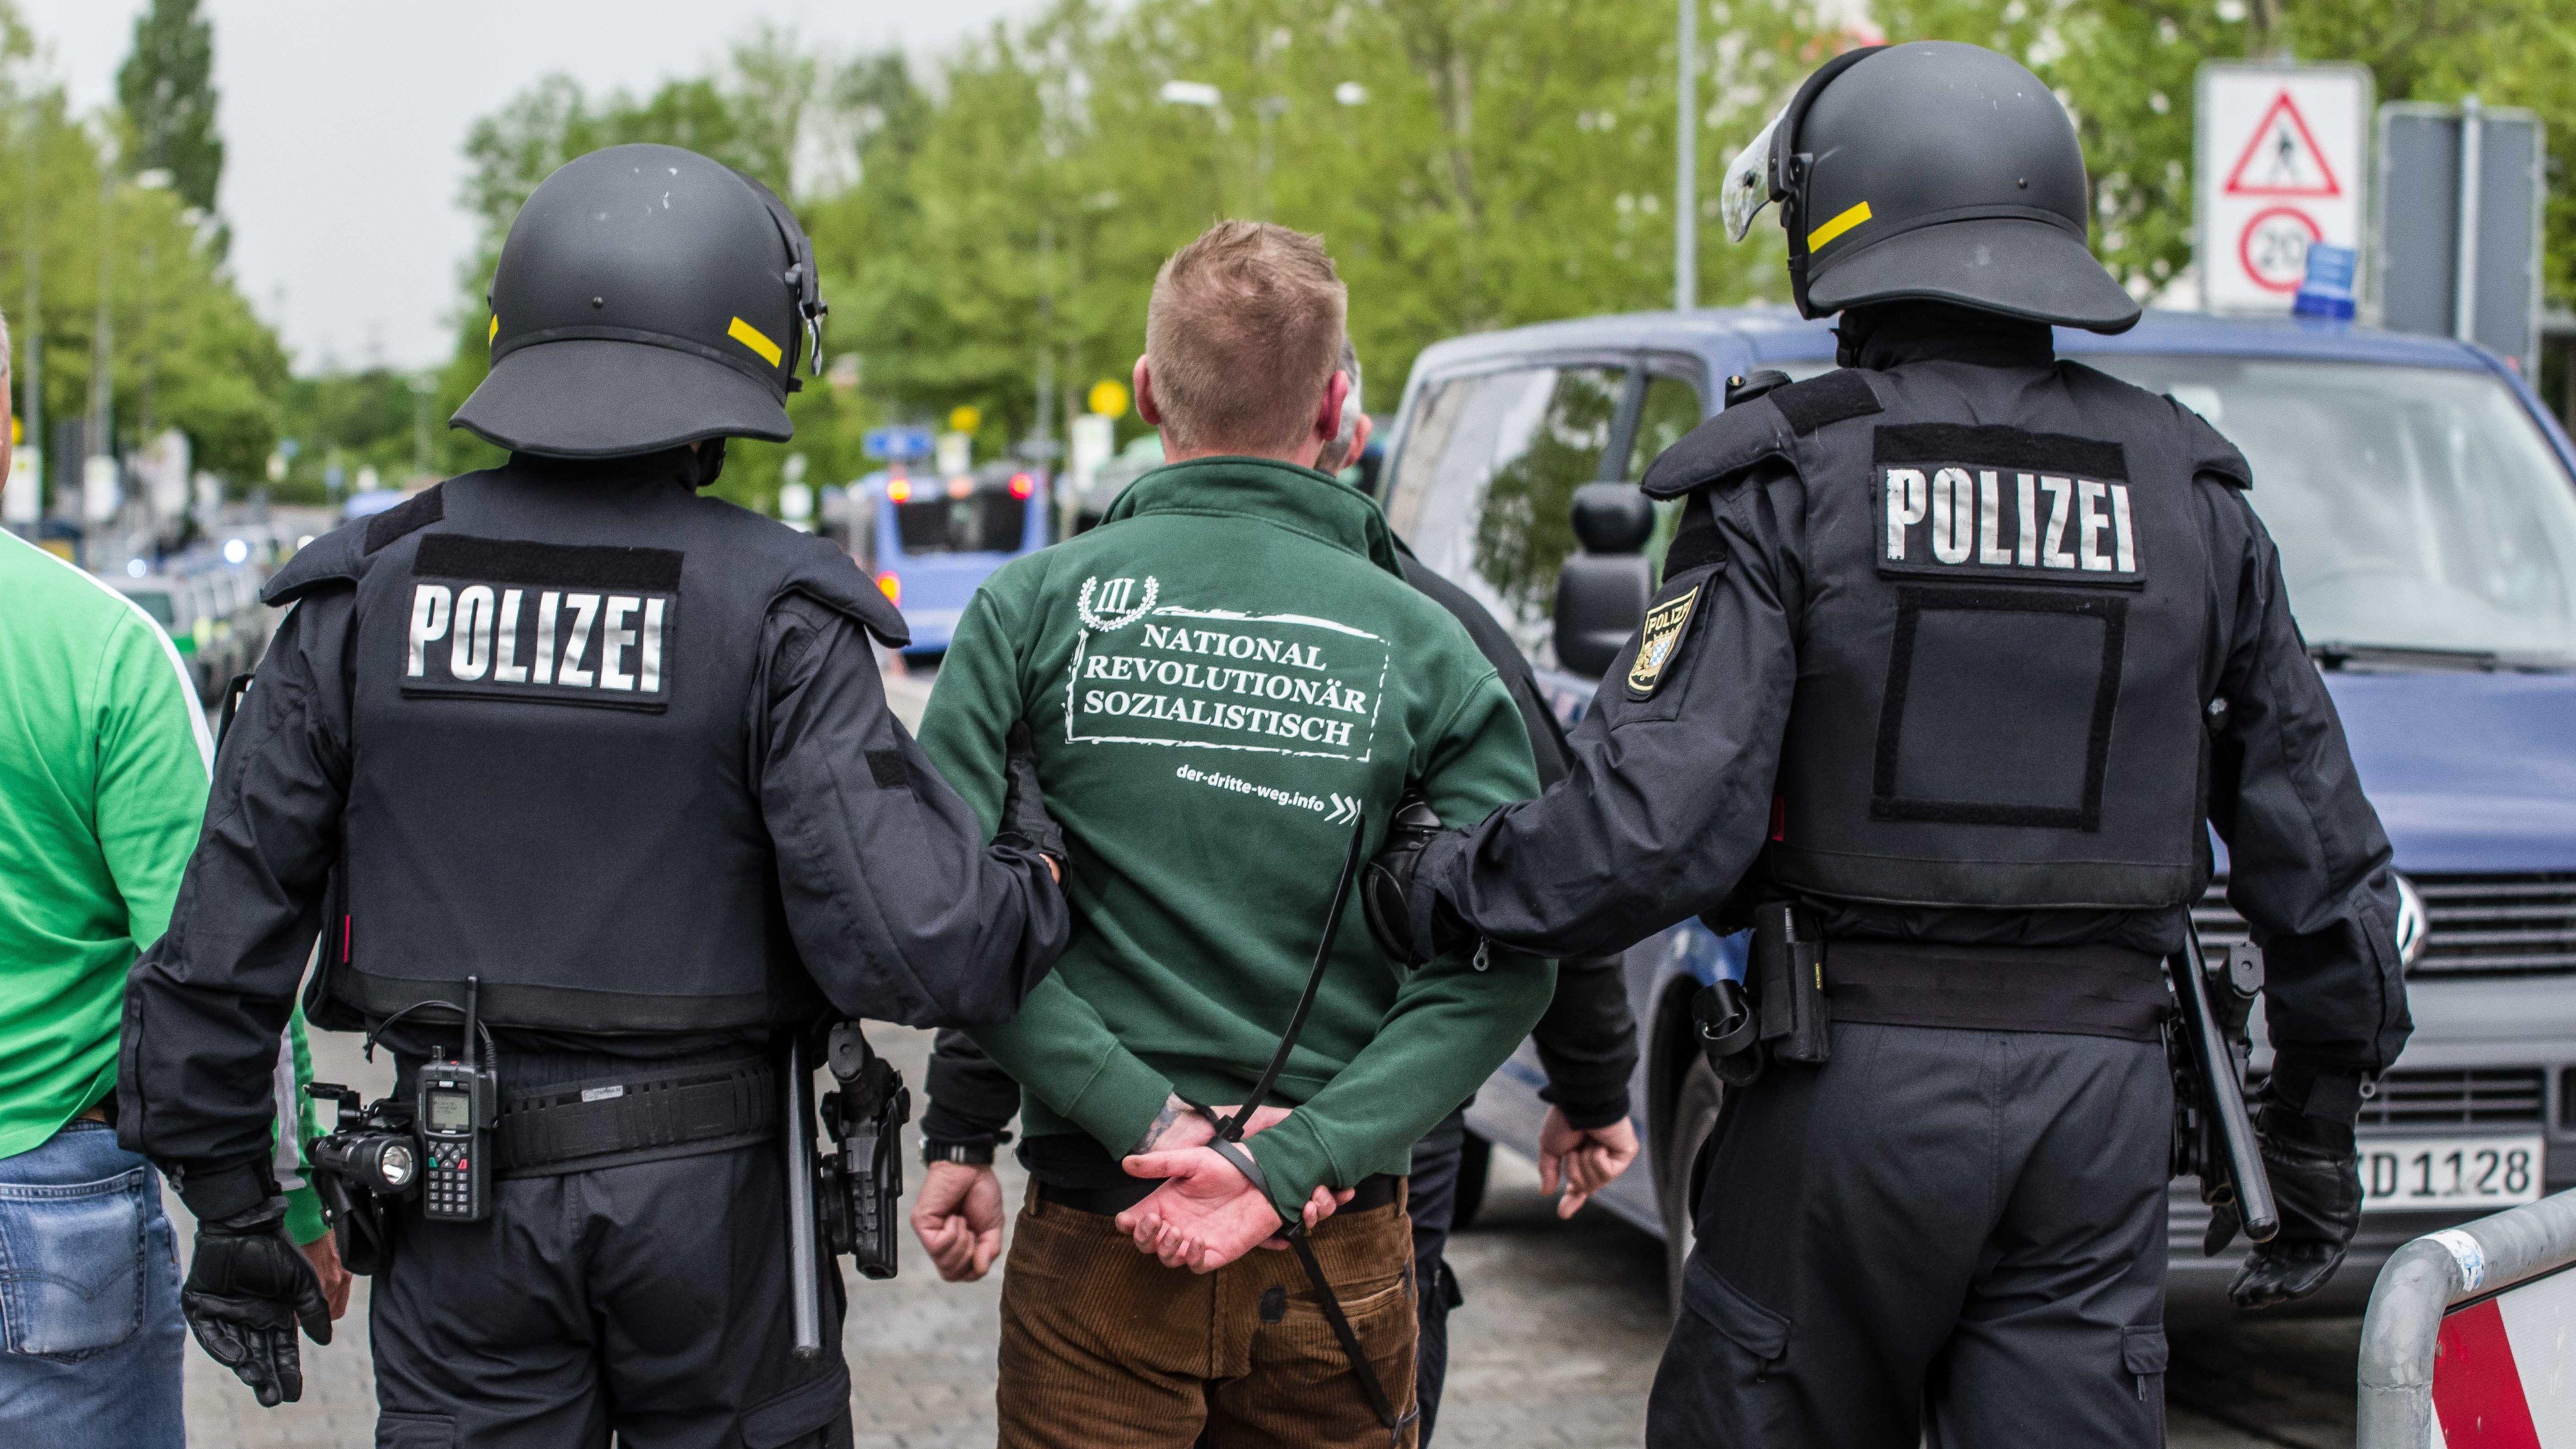 München: Polizisten nehmen am Rande einer Demonstration am 1. Mai einen Mann fest, der einer Neo-Nazi-Gruppe angehört.